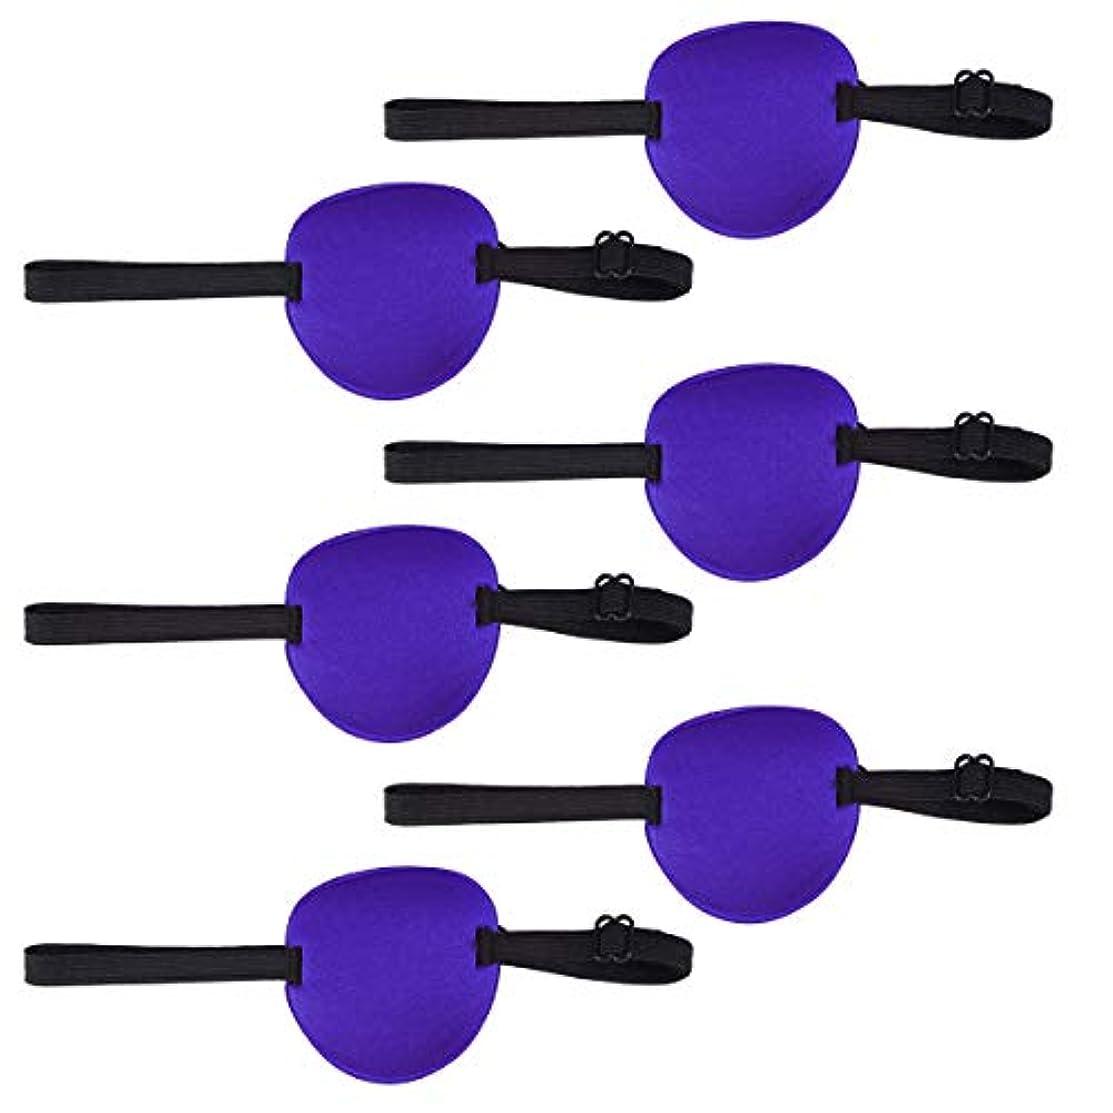 浸す引用伝染性のHealifty 6ピーススポンジアイパッチソフトで快適な弾性アイパッチ用子供大人レイジーアイ弱視斜視